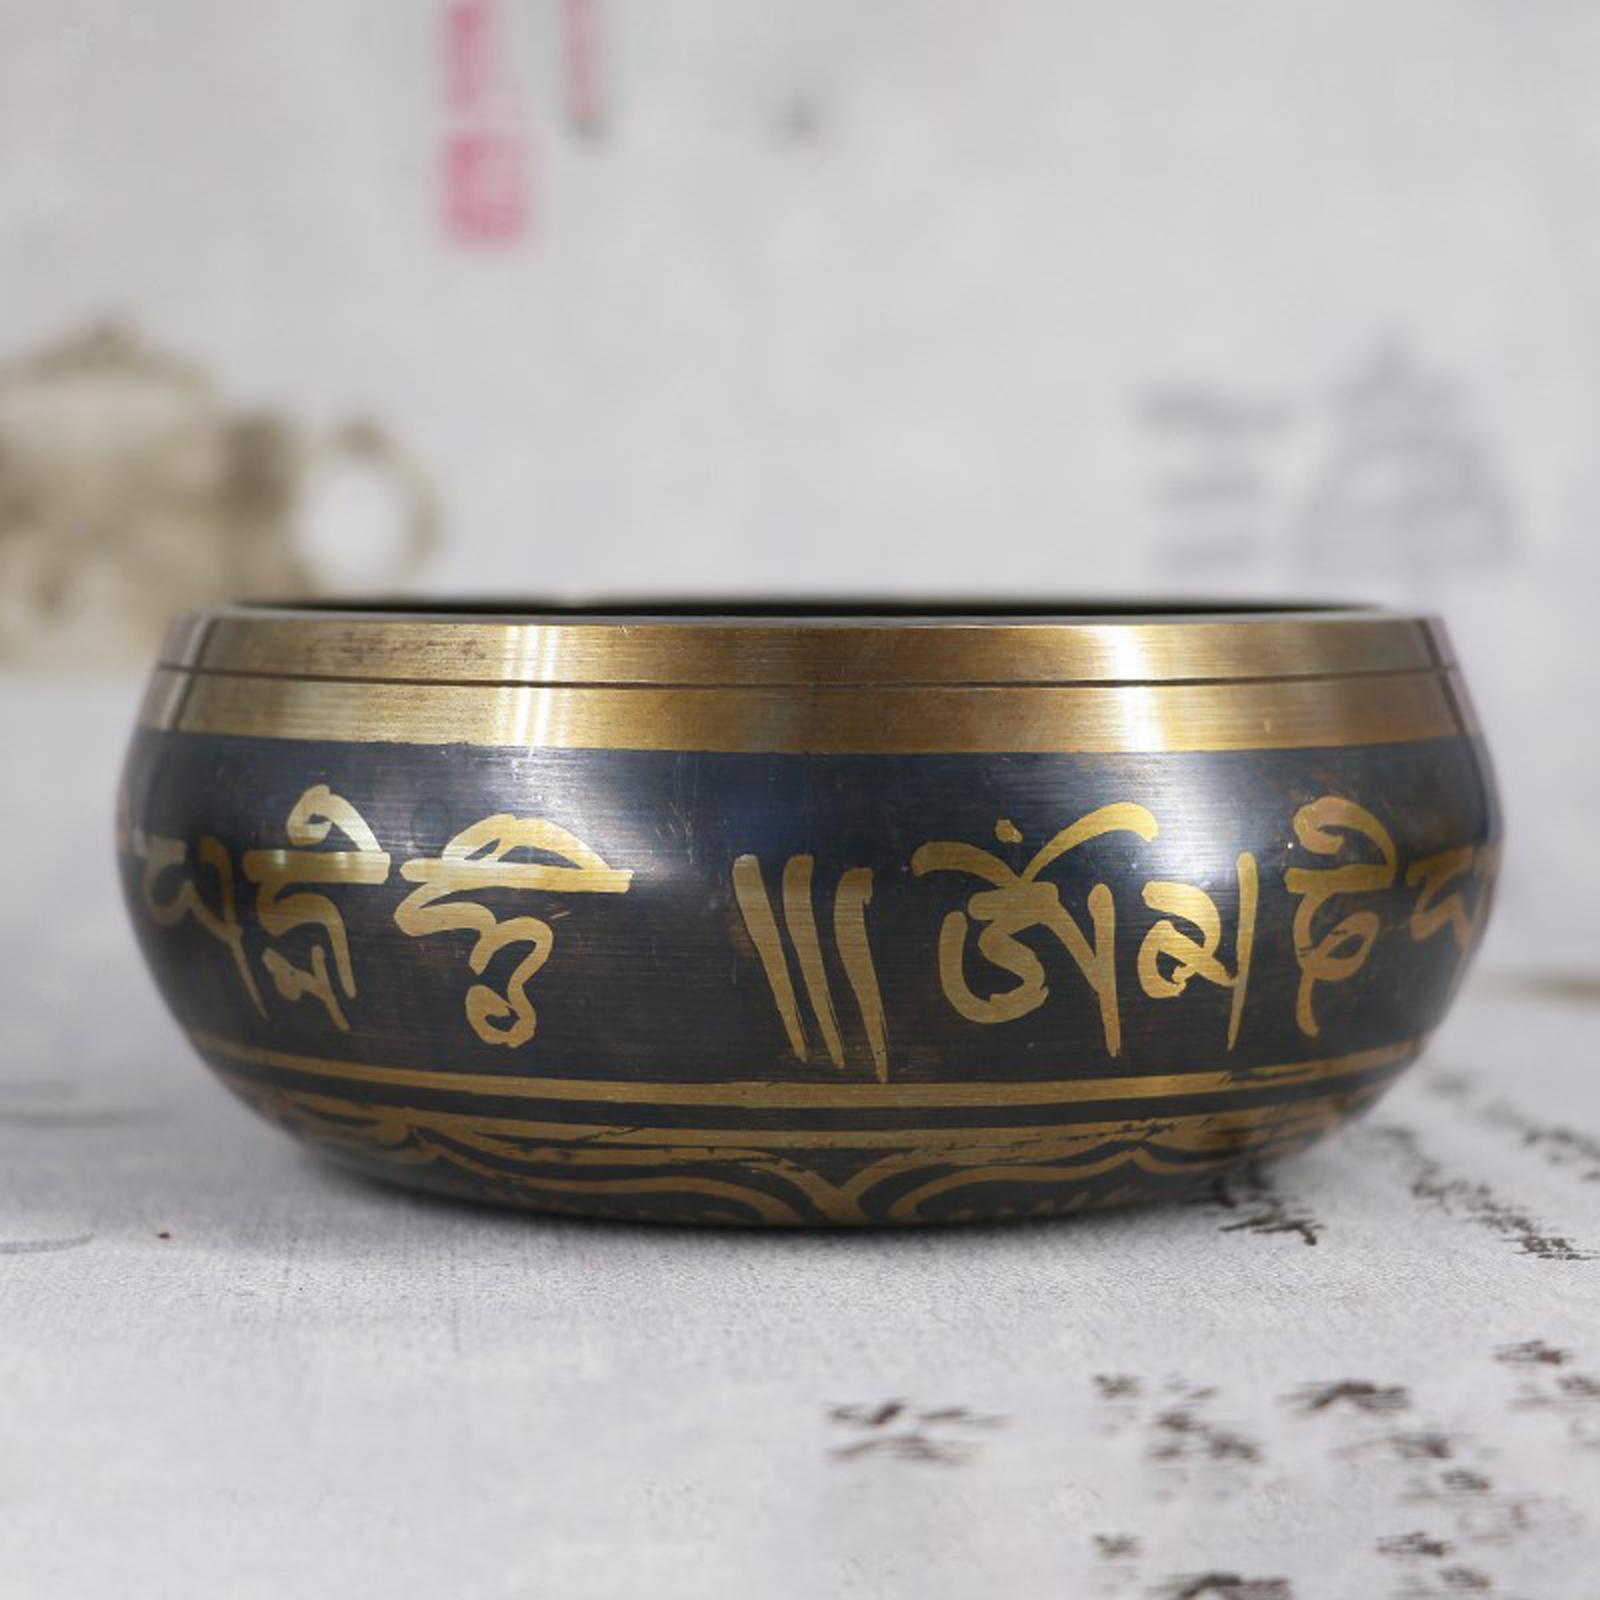 miniatura 8 - Nepal Singing Bowl Meditazione Buddista Ciotola Religione Relax Decorazioni